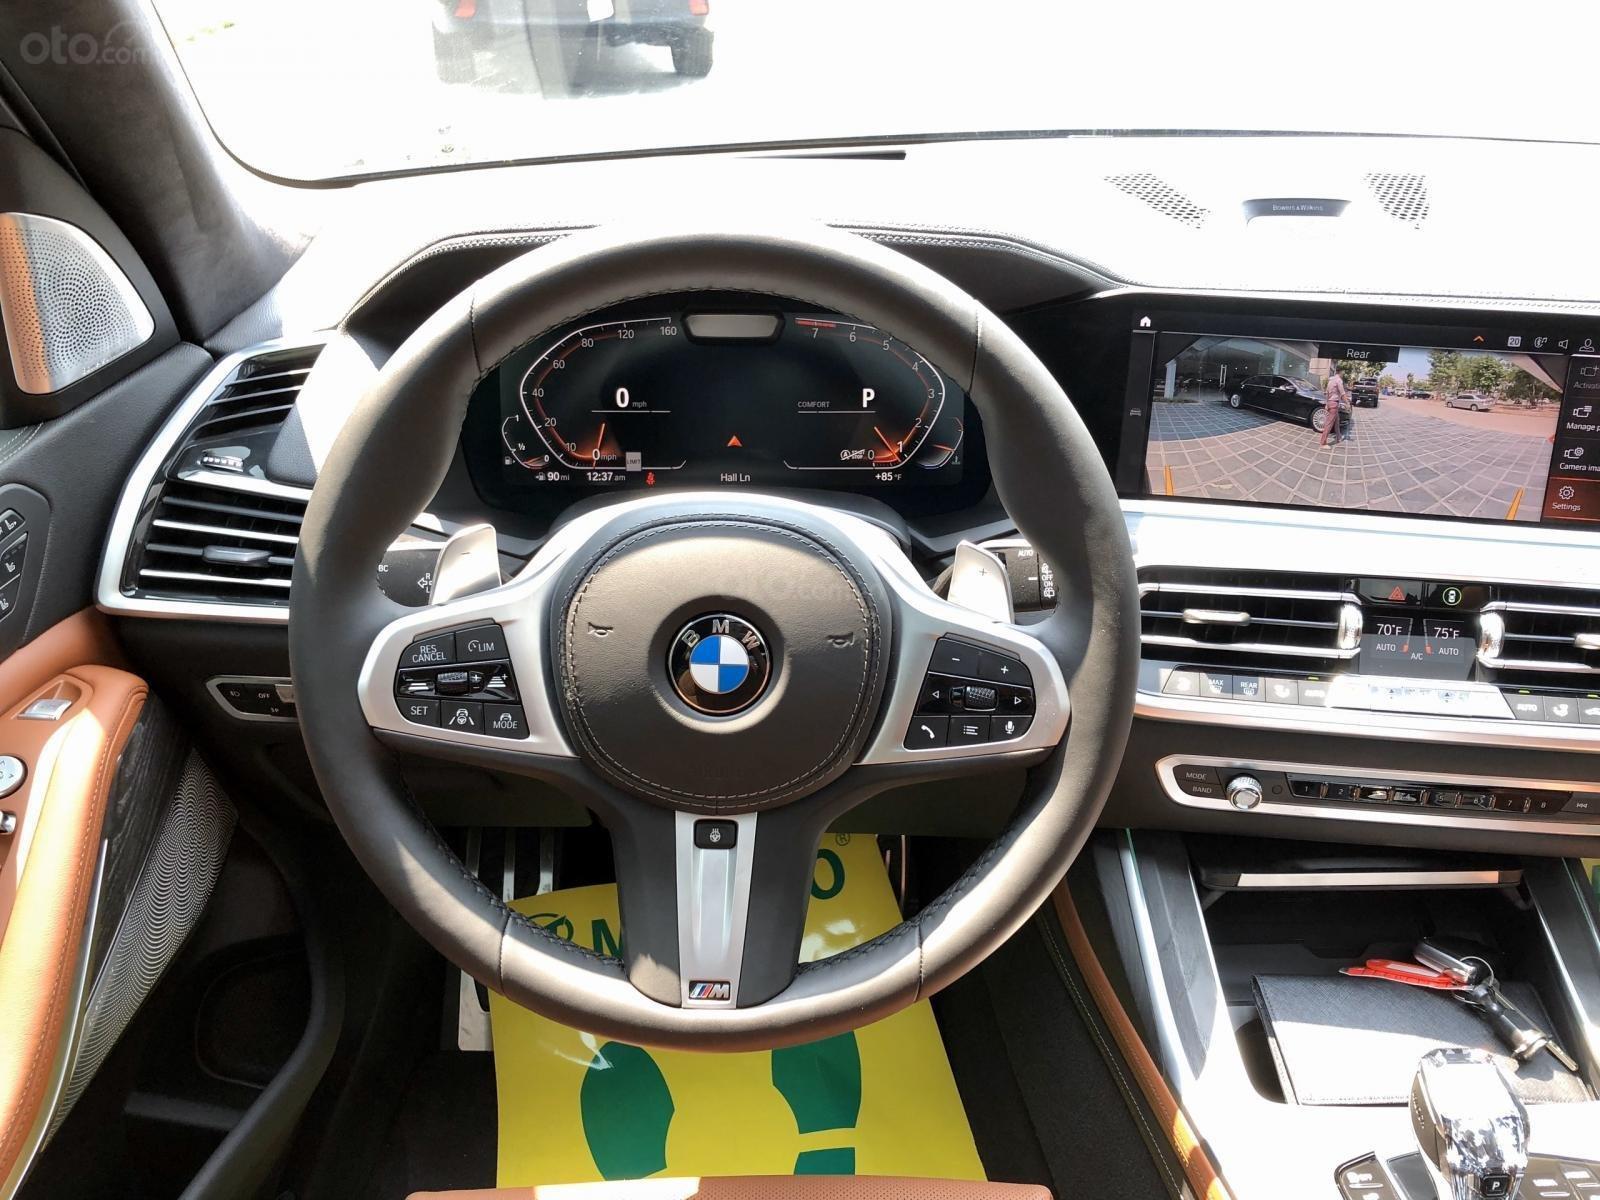 Bán BMW X7 XDrive40i M-Sport sản xuất năm 2019 full kịch option, màu đen, xe nhập Mỹ, mới 100% giao ngay, LH 0982.84.2838 (10)